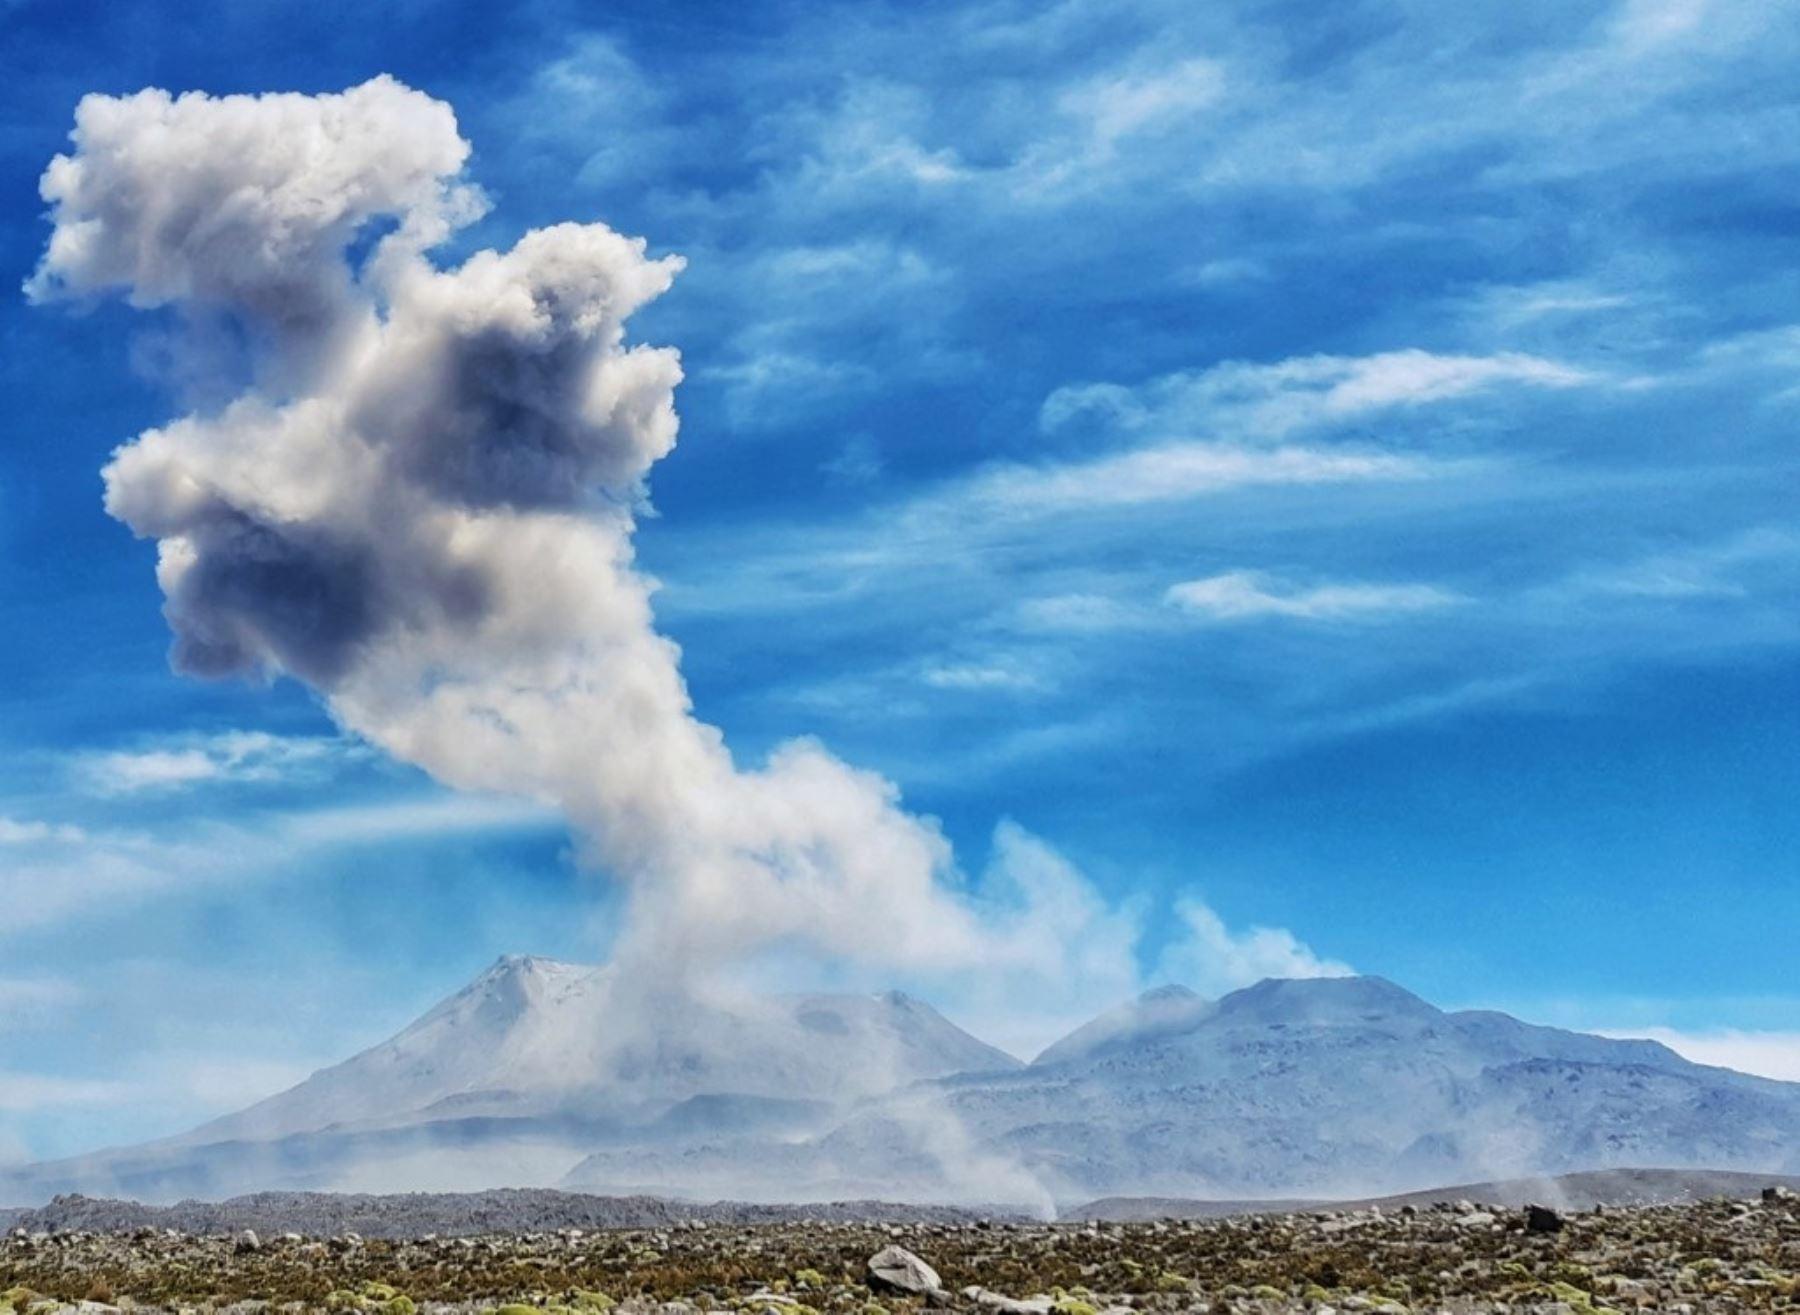 El volcán Sabancaya es uno de los más activos del Perú y en los últimos cuatro años ha registrado más de 37,000 explosiones, revela el IGP. ANDINA/Difusión